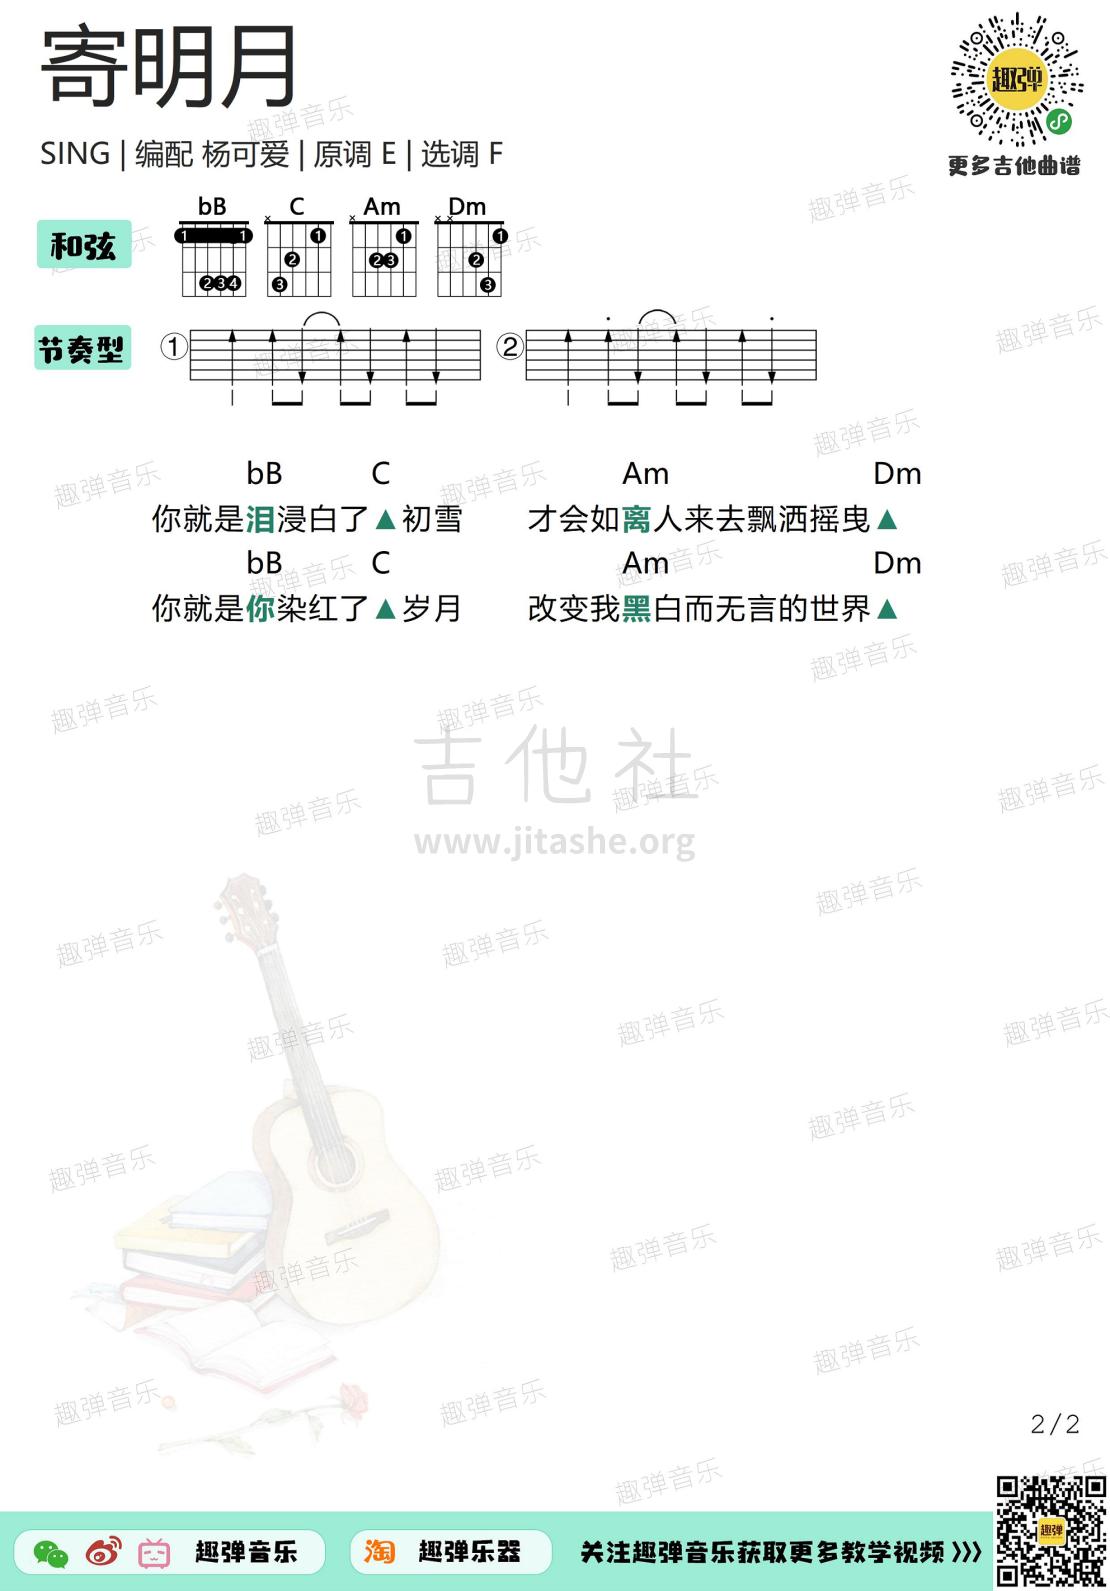 寄明月(高清F调和弦谱)吉他谱(图片谱,弹唱,吉他,和弦谱)_群星(Various Artists)_寄明月22.jpg